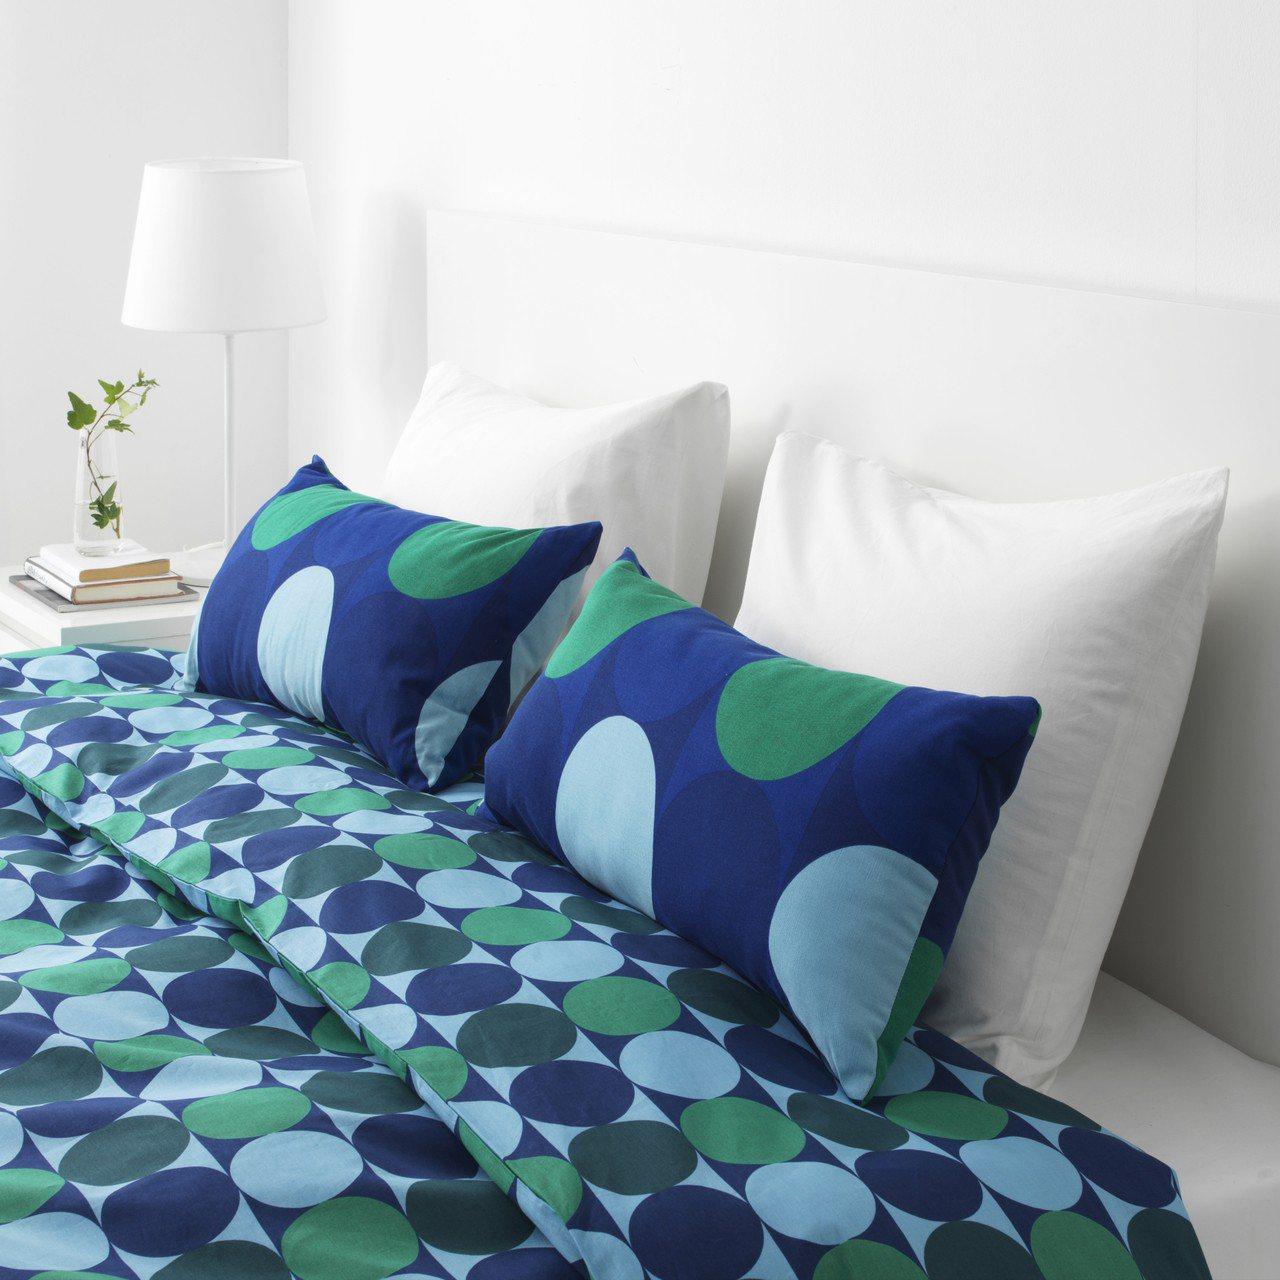 具復古圓點圖案的KROKUSLILJA靠枕,舒適又能增添臥室的清爽視覺。圖/IK...